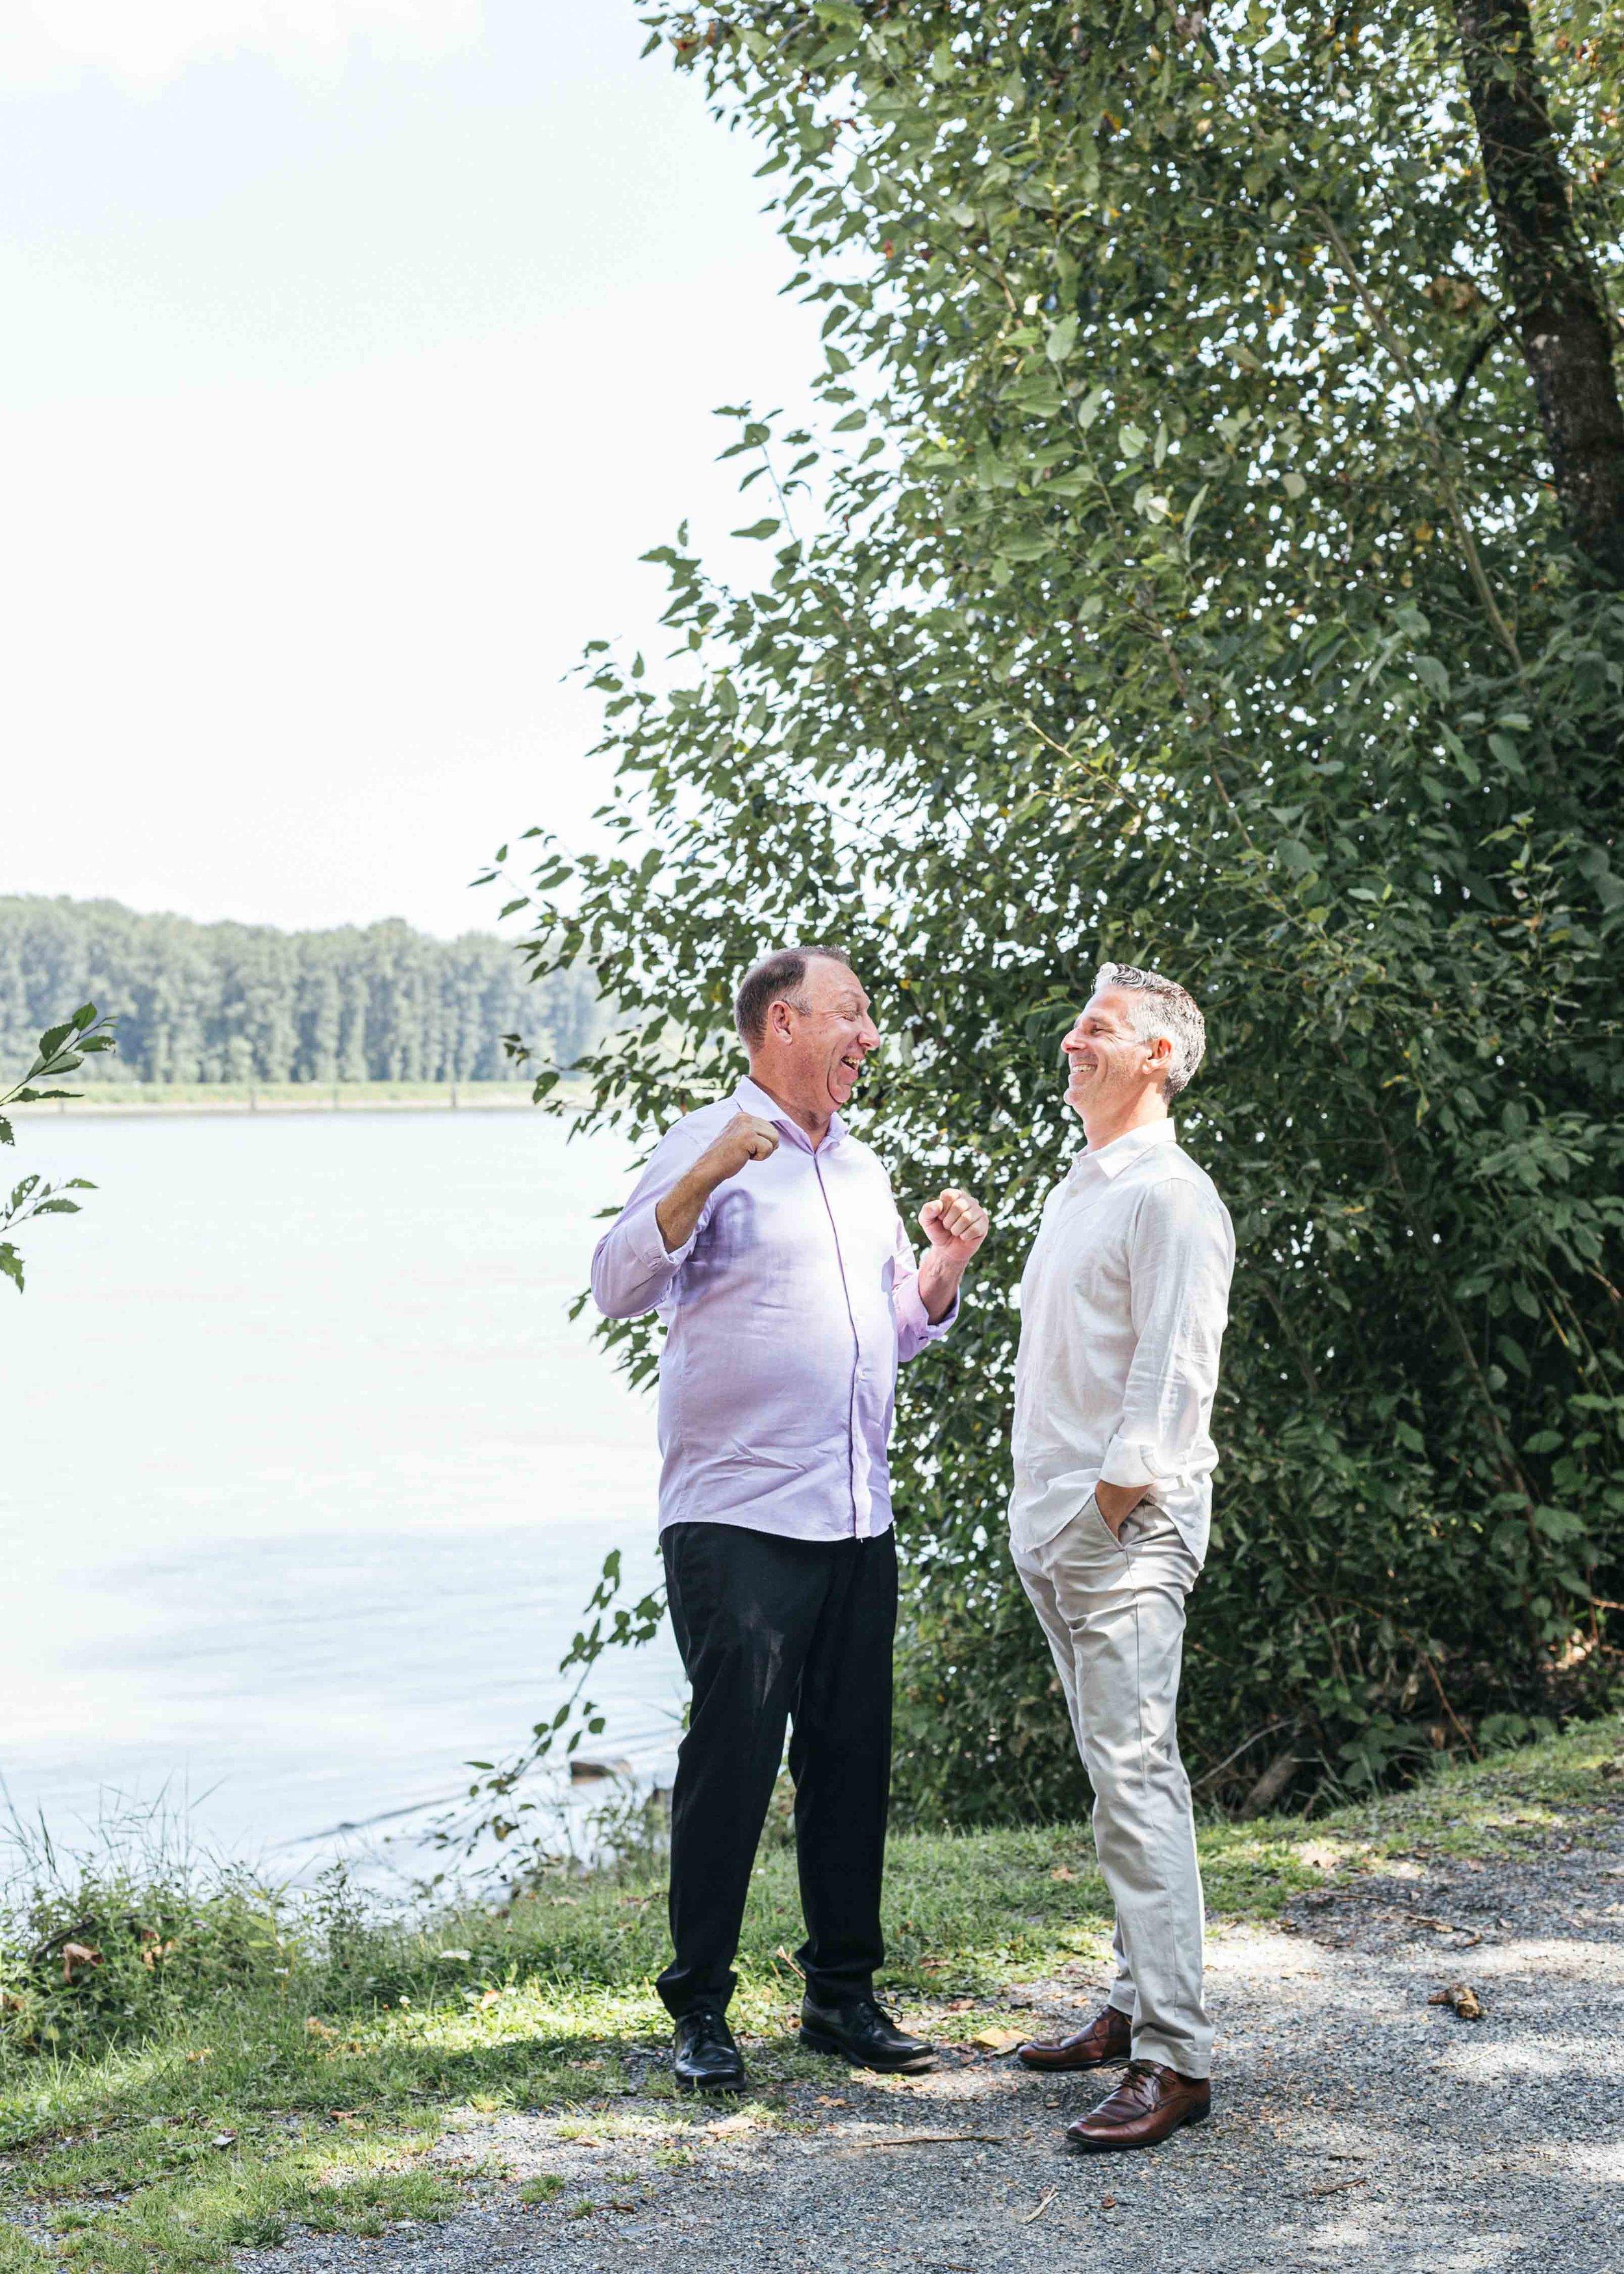 carla_darren_wedding_sophia_hsin_photography-27.jpg